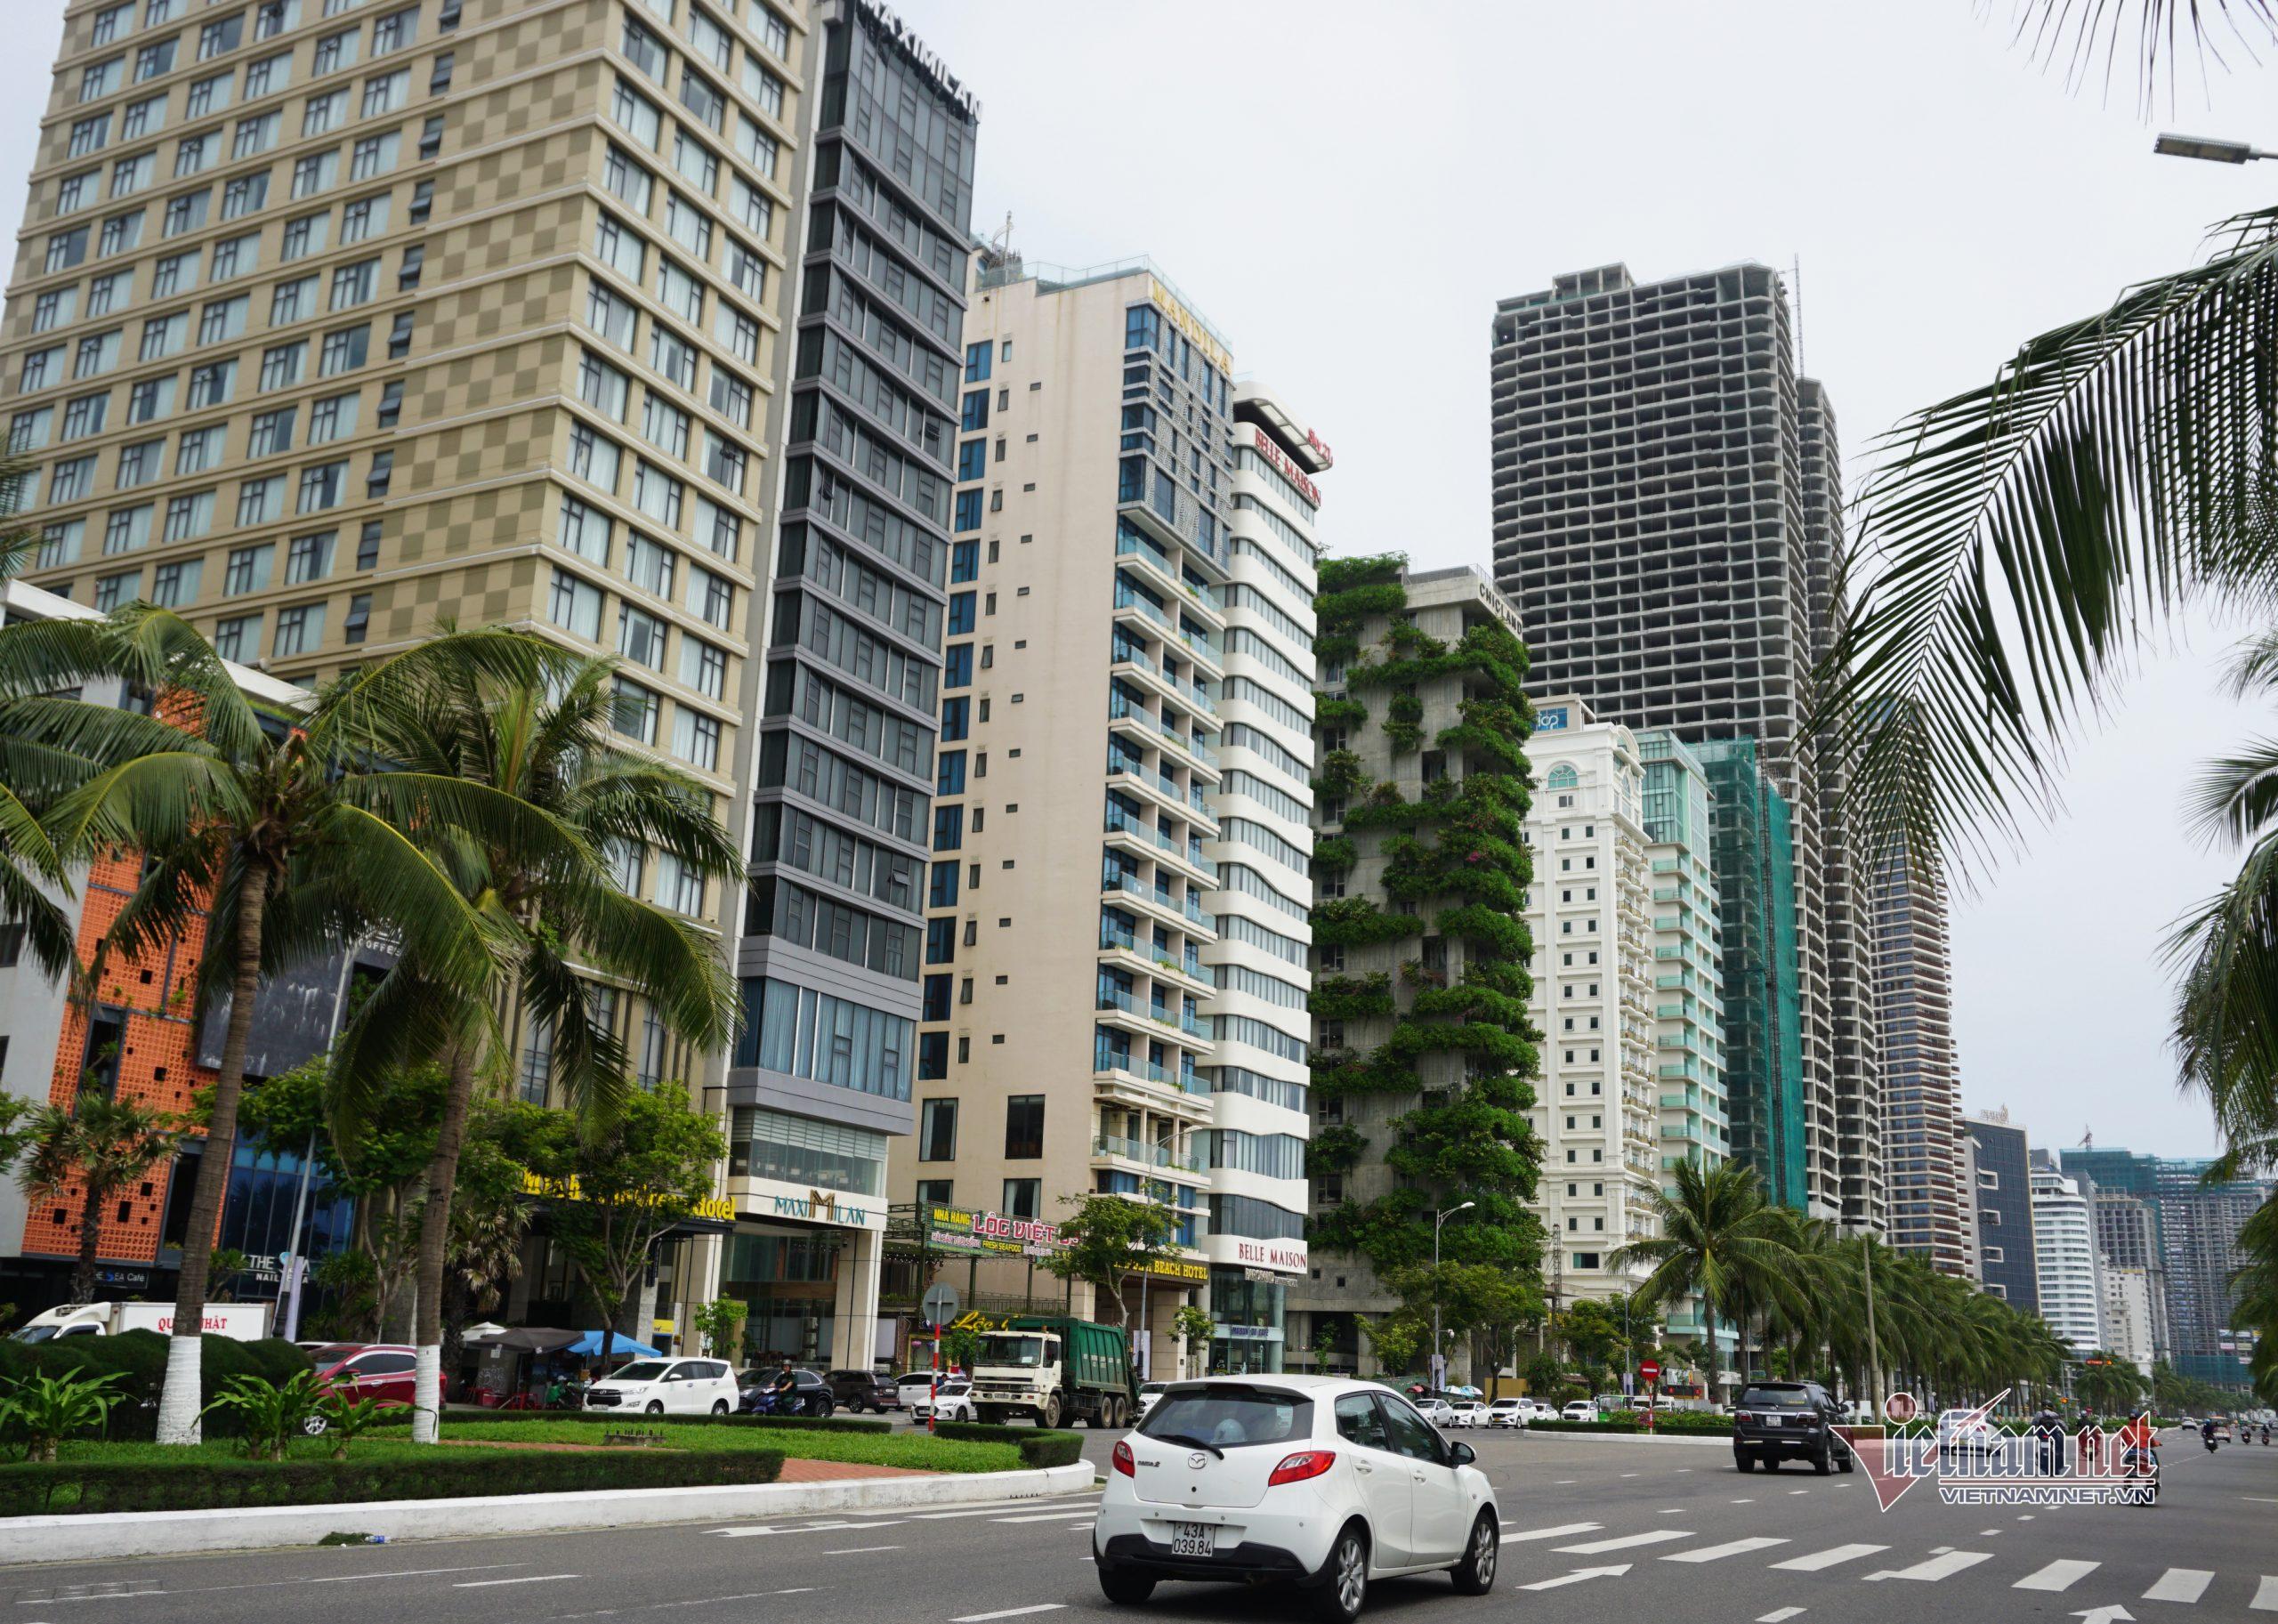 Hiện nay đã có số lượng lớn khách đặt phòng đến Đà Nẵng nghỉ dưỡng dịp lễ 30/4 và 1/5